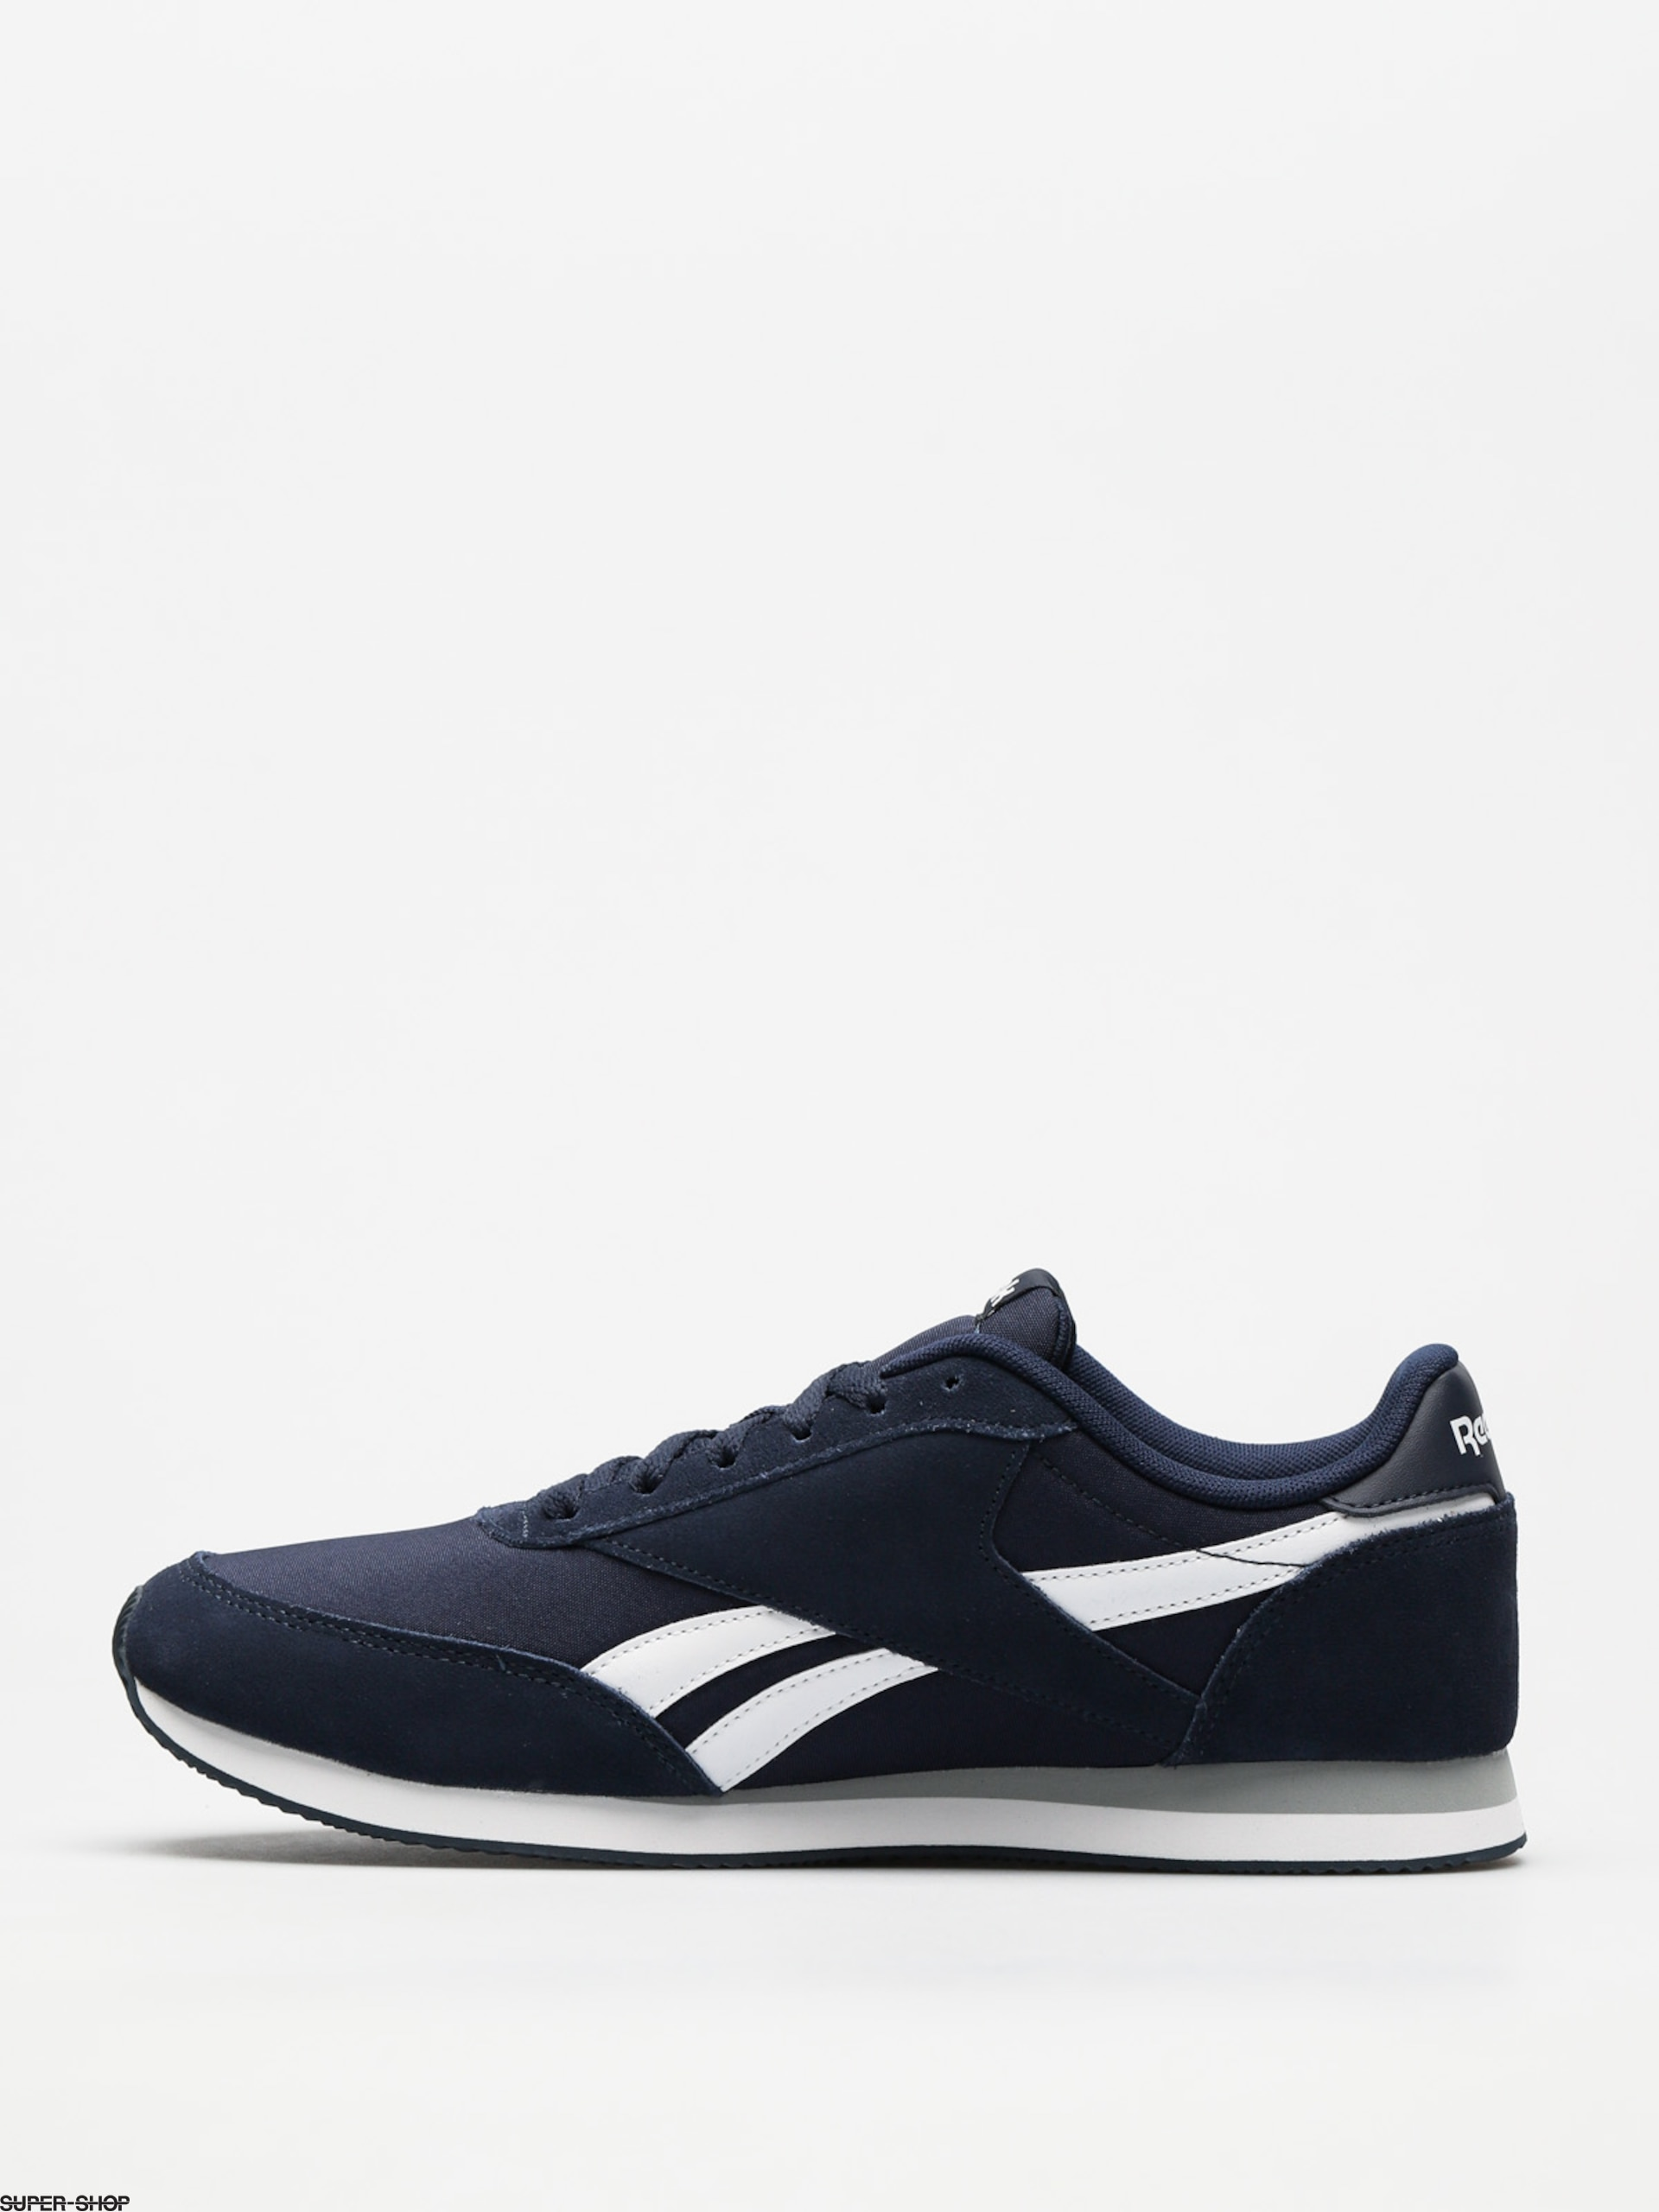 a24a191a86fec0 Reebok Shoes Royal Cl Jogger 2 (collegiate navy white baseball grey)